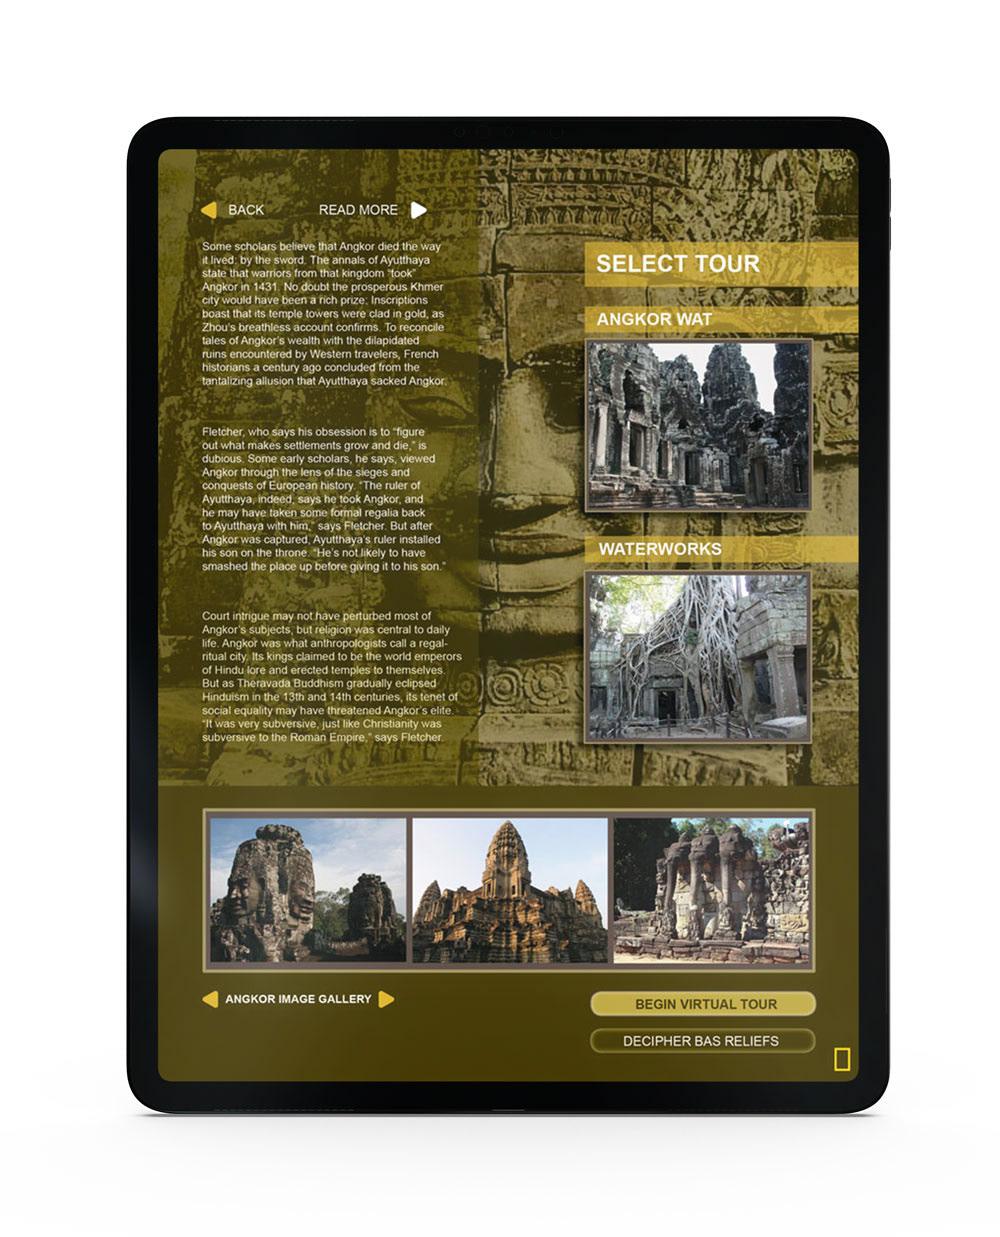 iPad design terracotta warriors